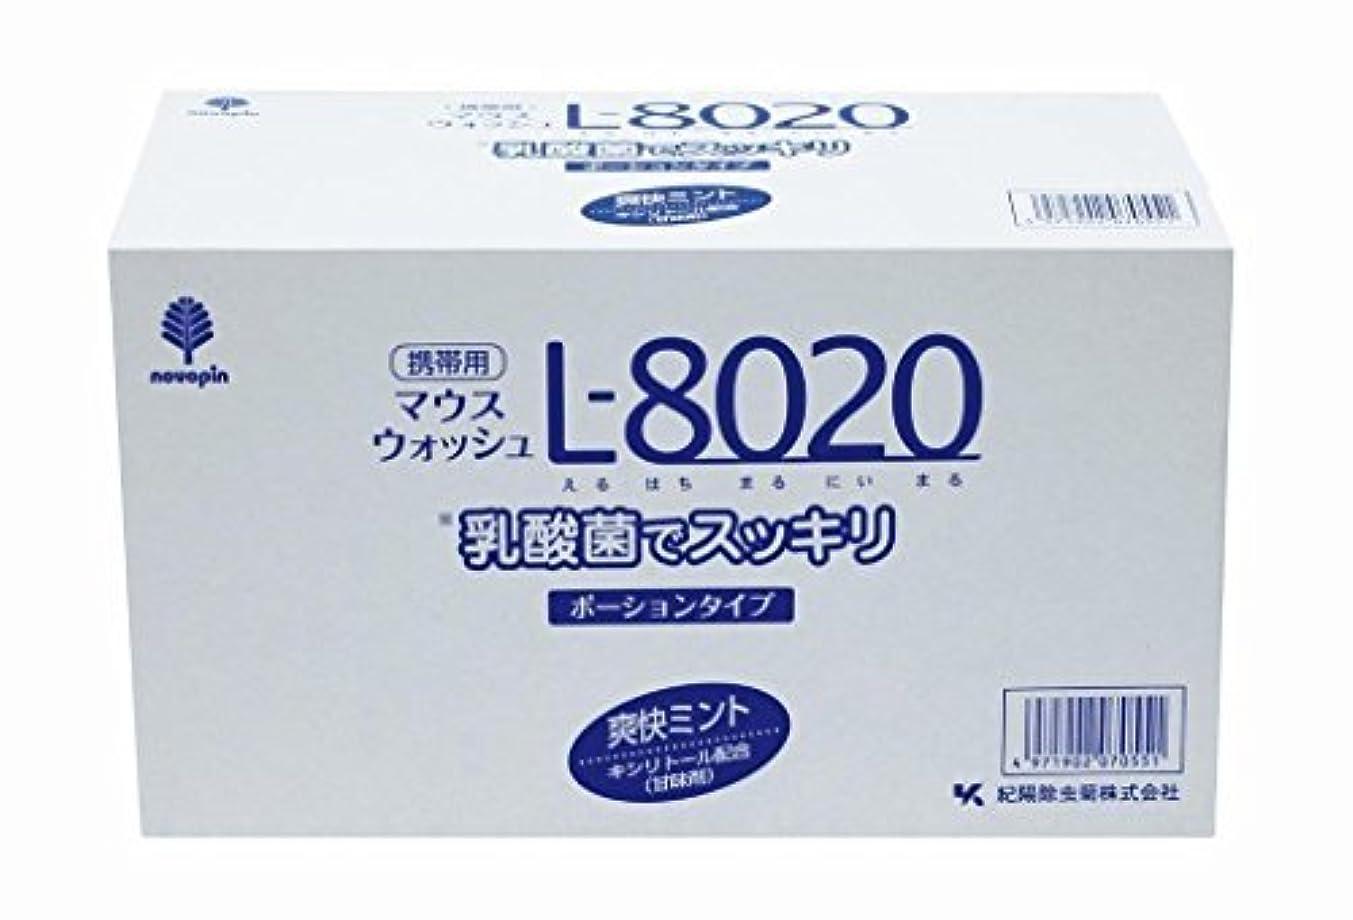 銛時計枕クチュッペL-8020爽快ミントポーションタイプ100個入(アルコール) 【まとめ買い10個セット】 K-7055 日本製 Japan